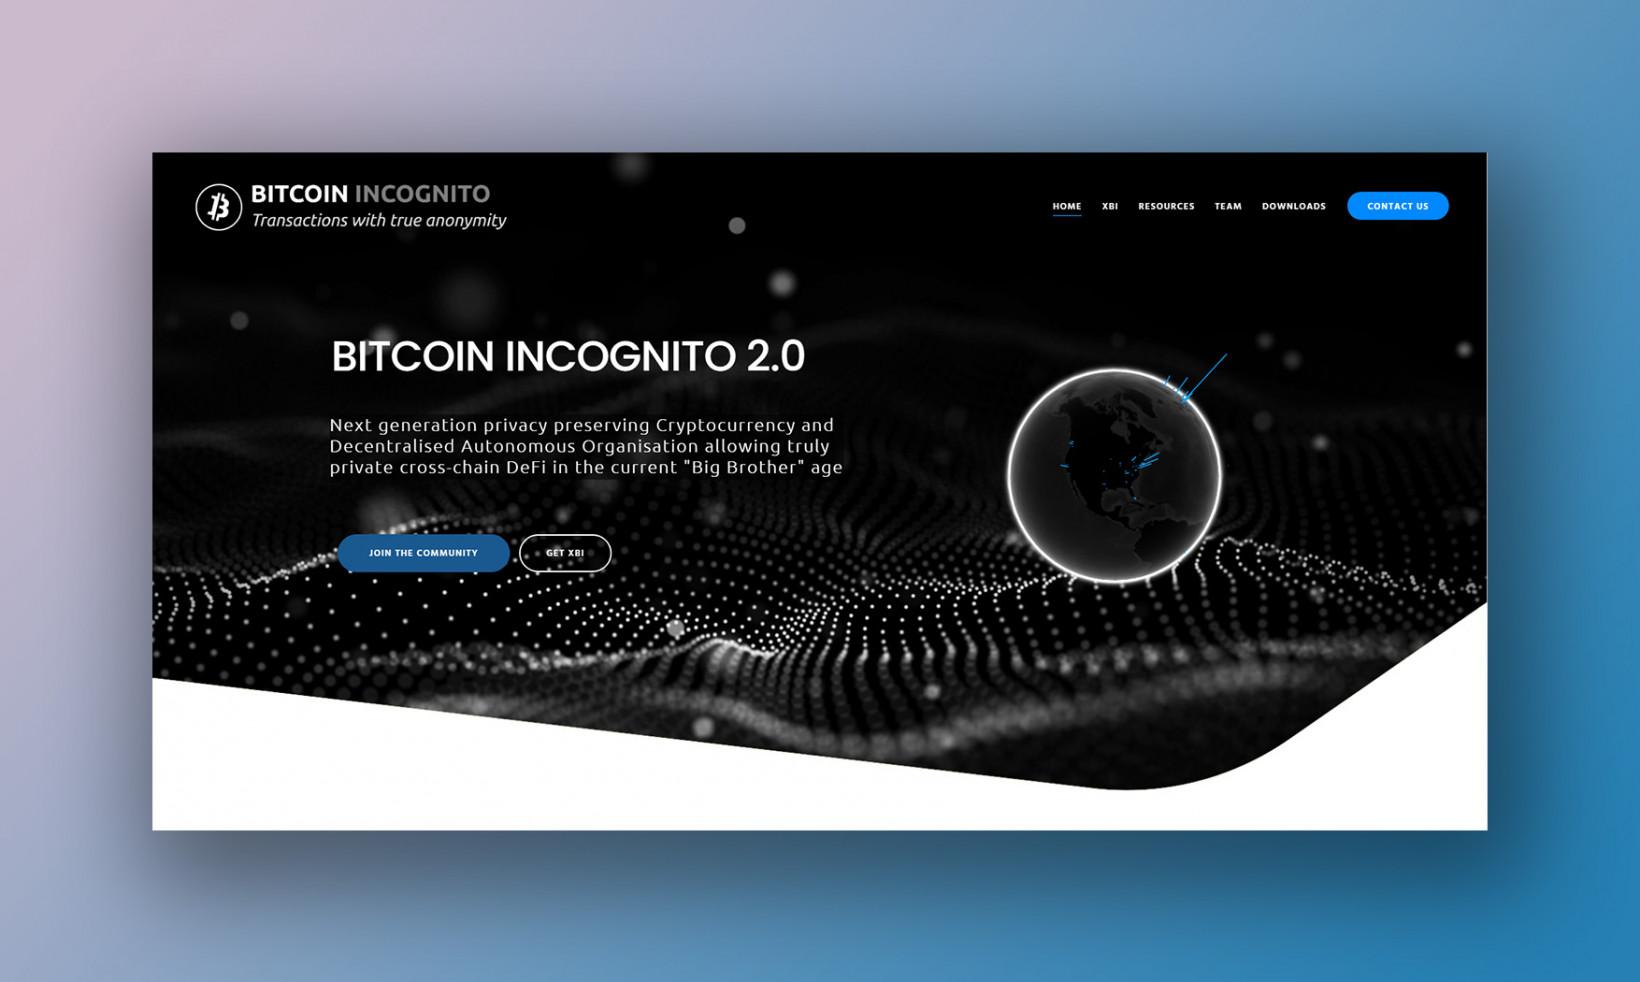 Bitcoin Incognito 2.0